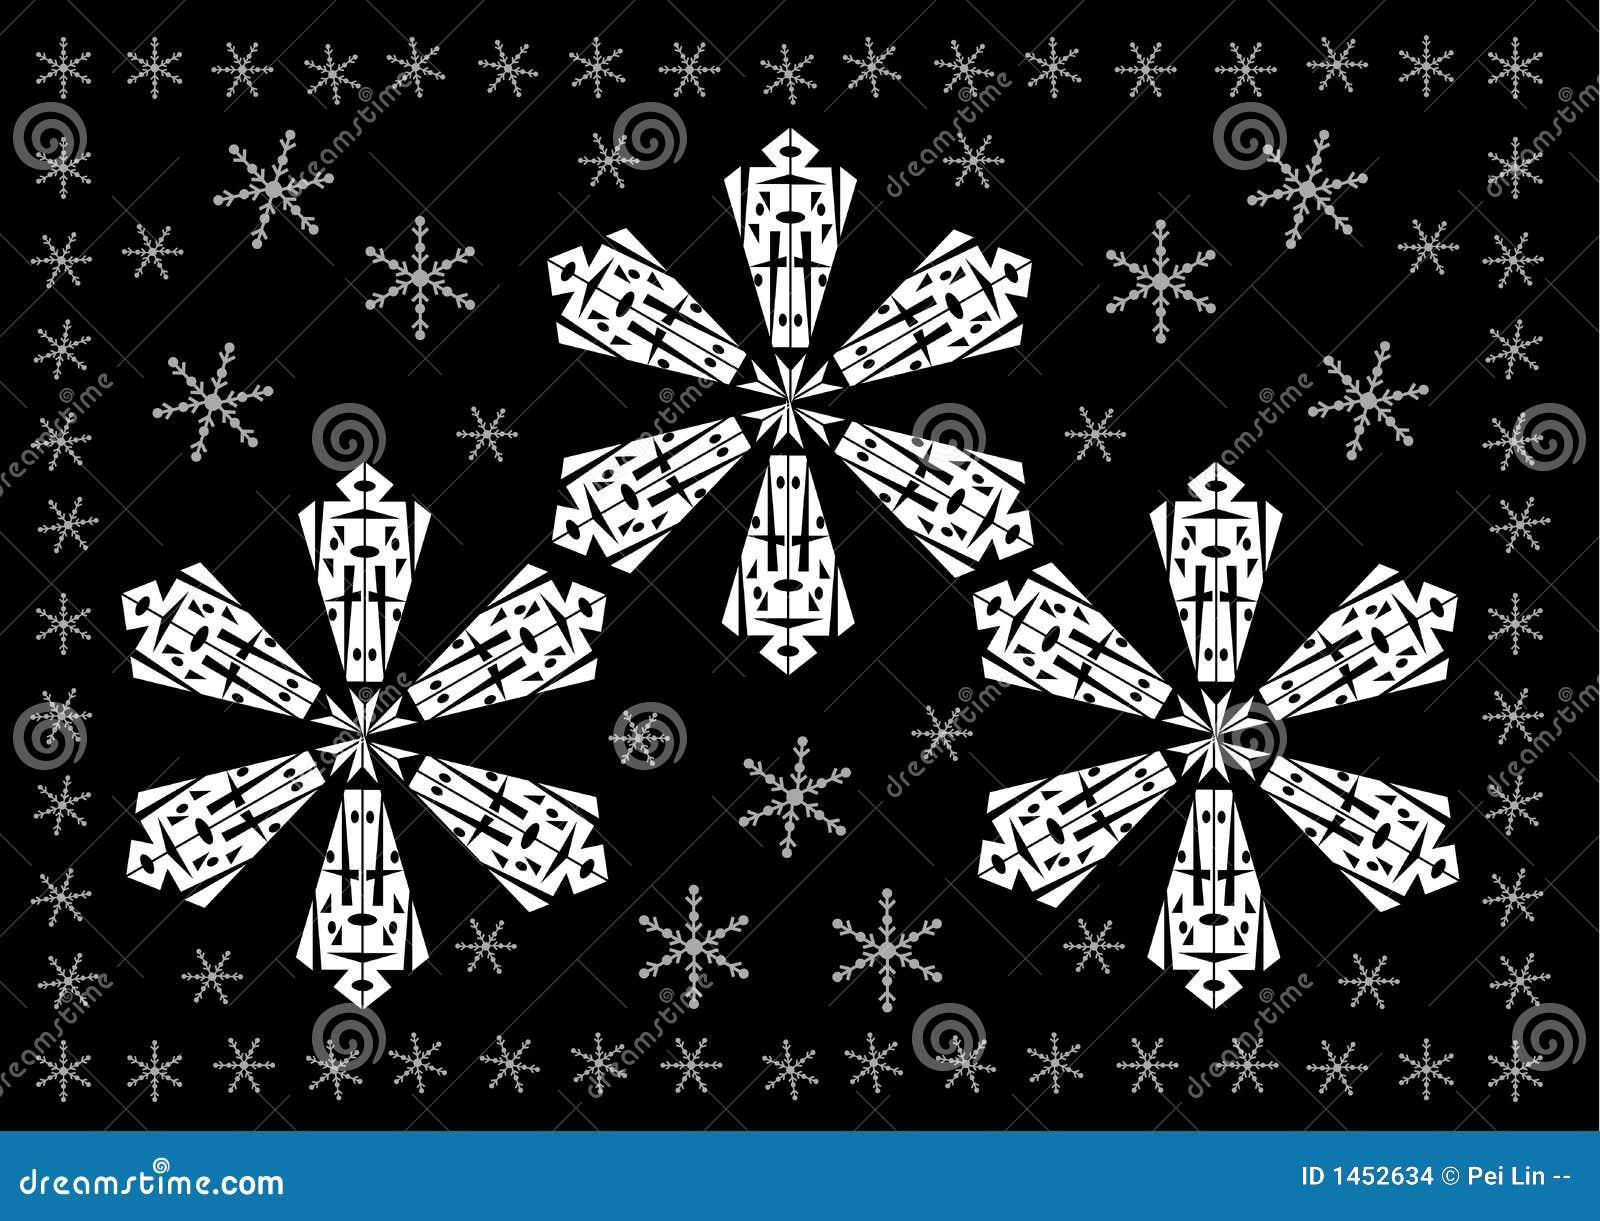 Weihnachten - Weißer Schnee Blättert Hintergrund Ab Vektor Abbildung ...